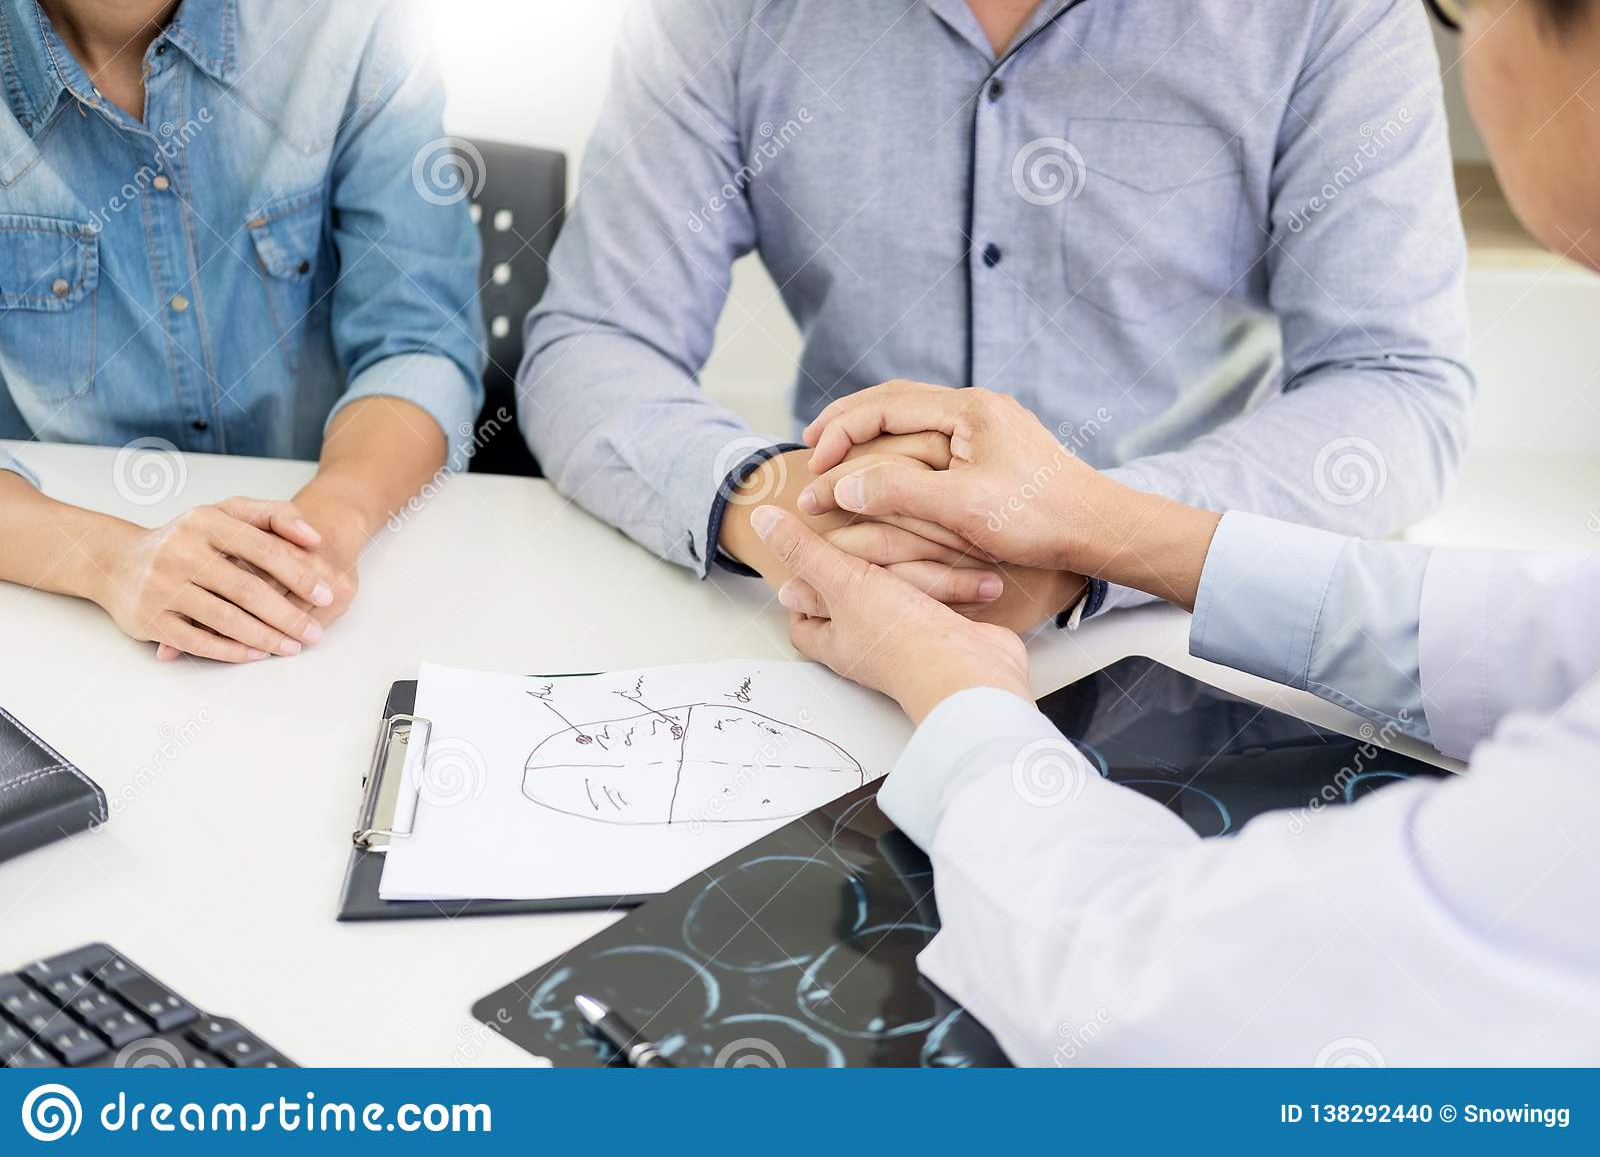 Paciente que é mão guardando desesperada tranquilizada por apoio encorajador do doutor e que consola com simpatia Na sala de hosp